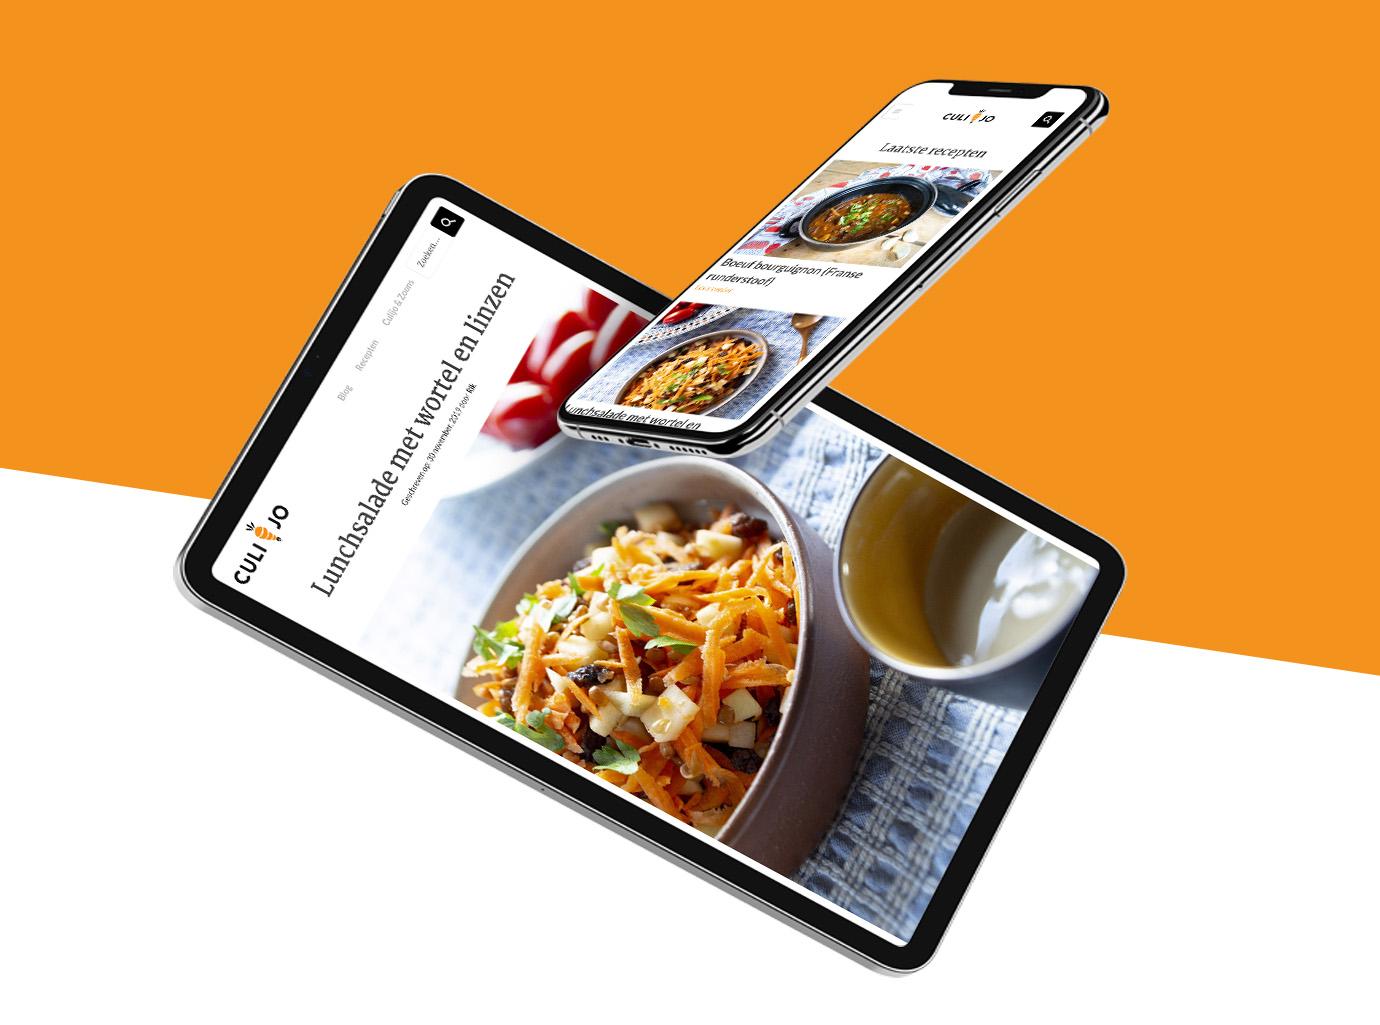 Culijo responsive designs foodblog ontwerp